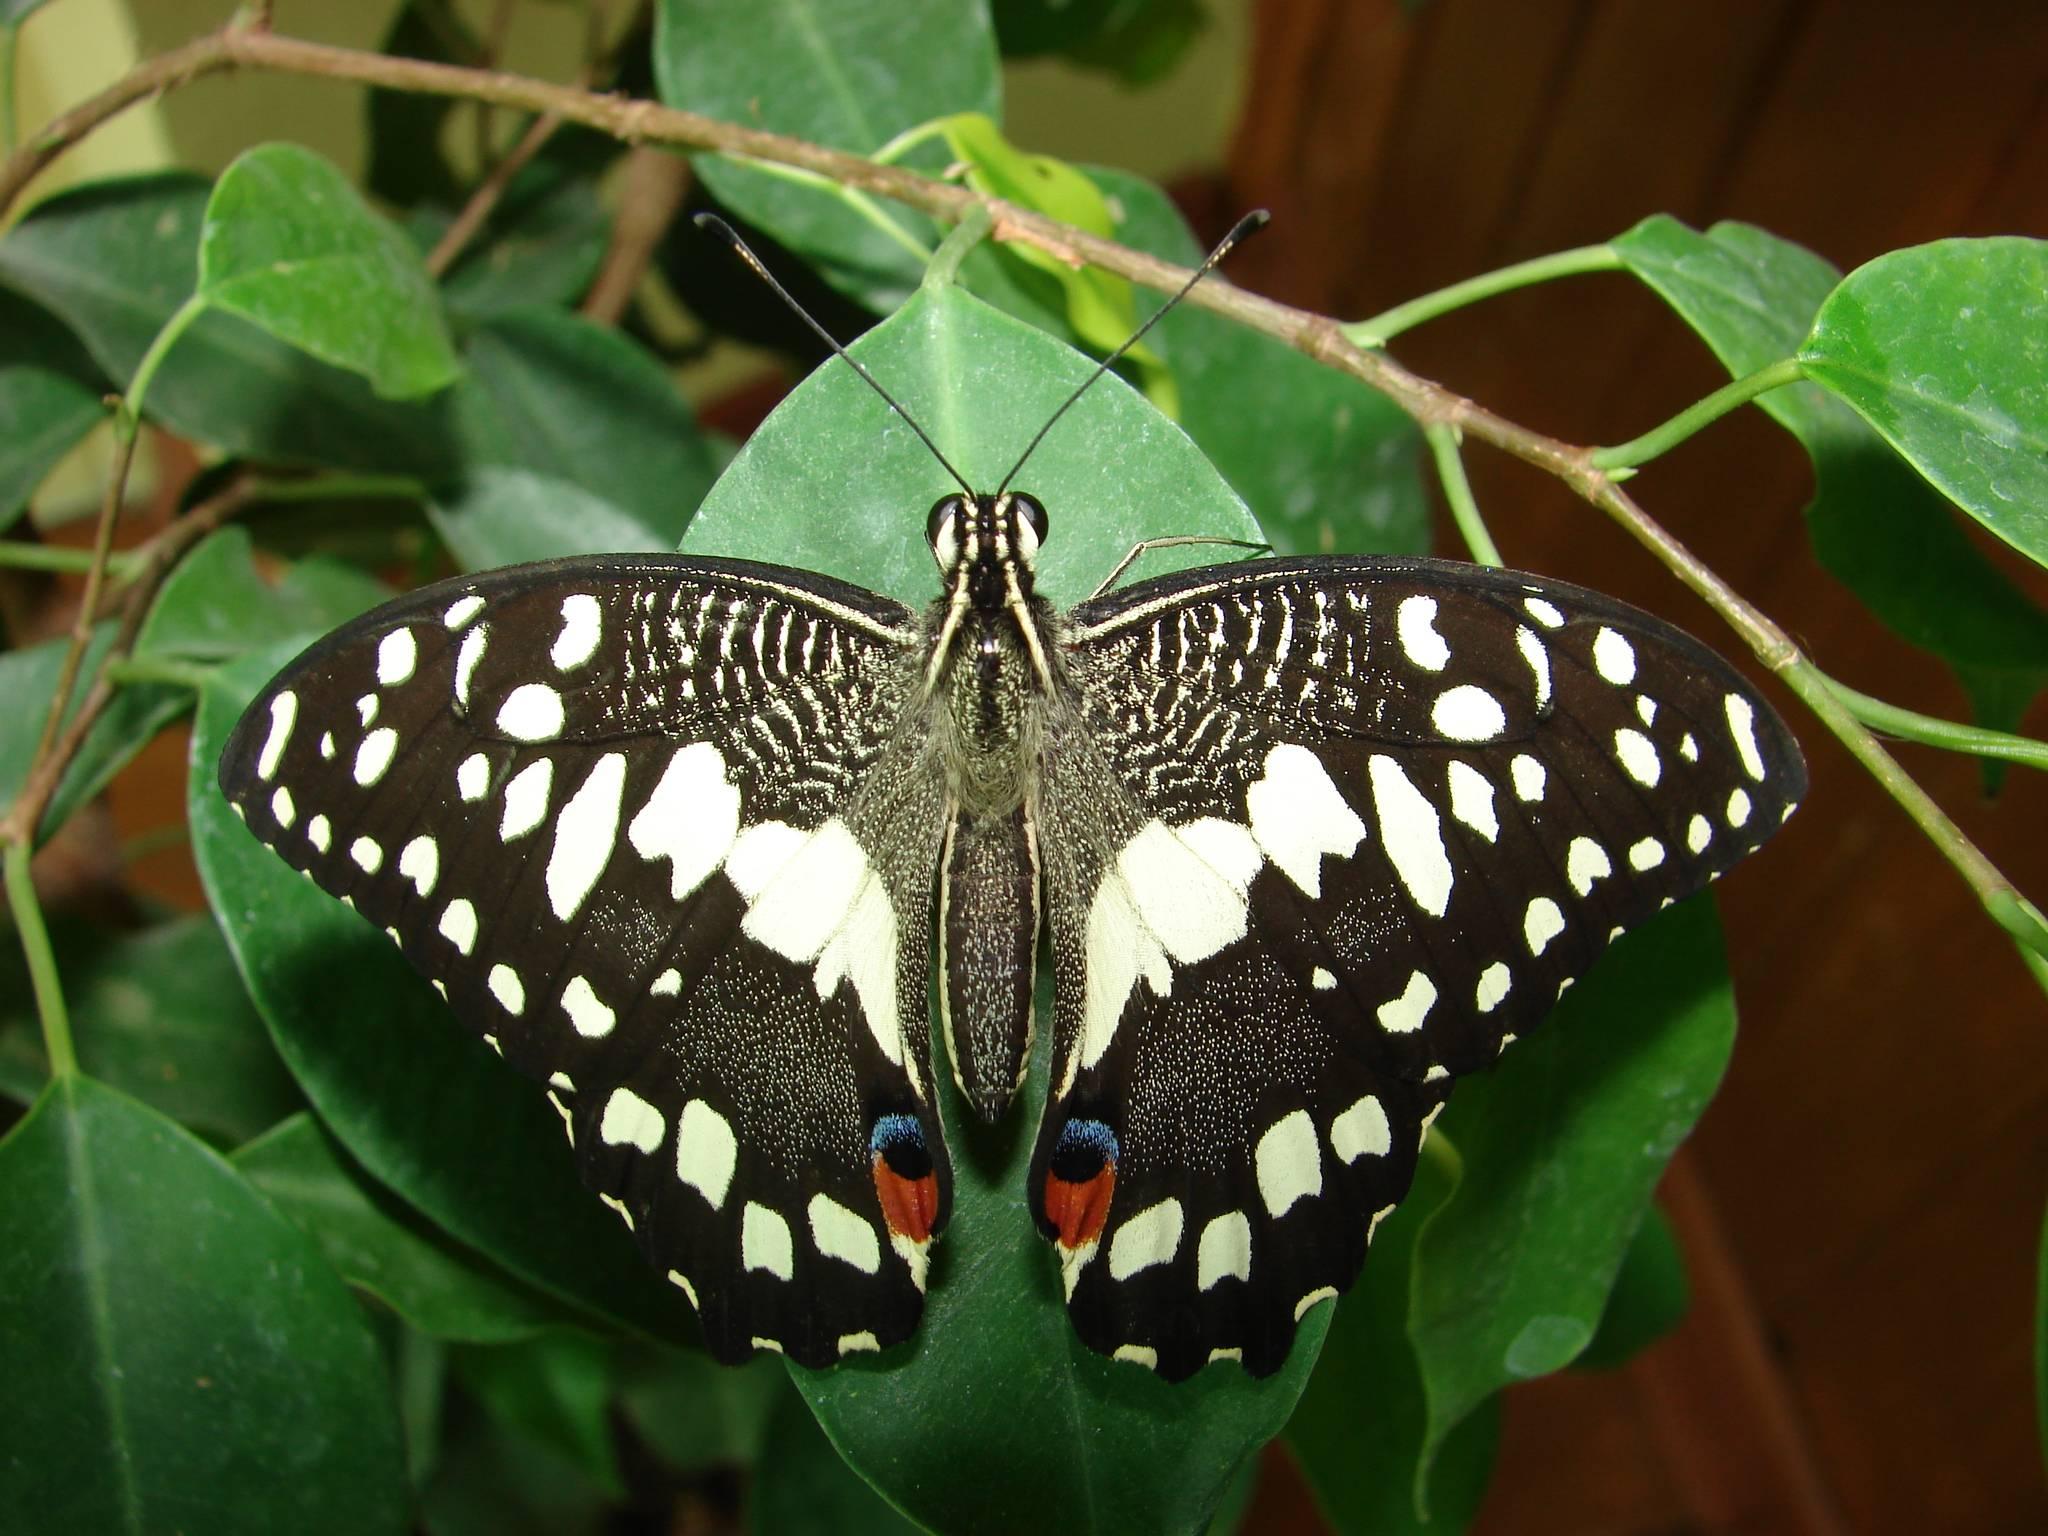 Парнассиусы (parnassius). аполлон, автократор, авинов, давыдов, фельдер, феб, эверсман. виды бабочек. красная книга.